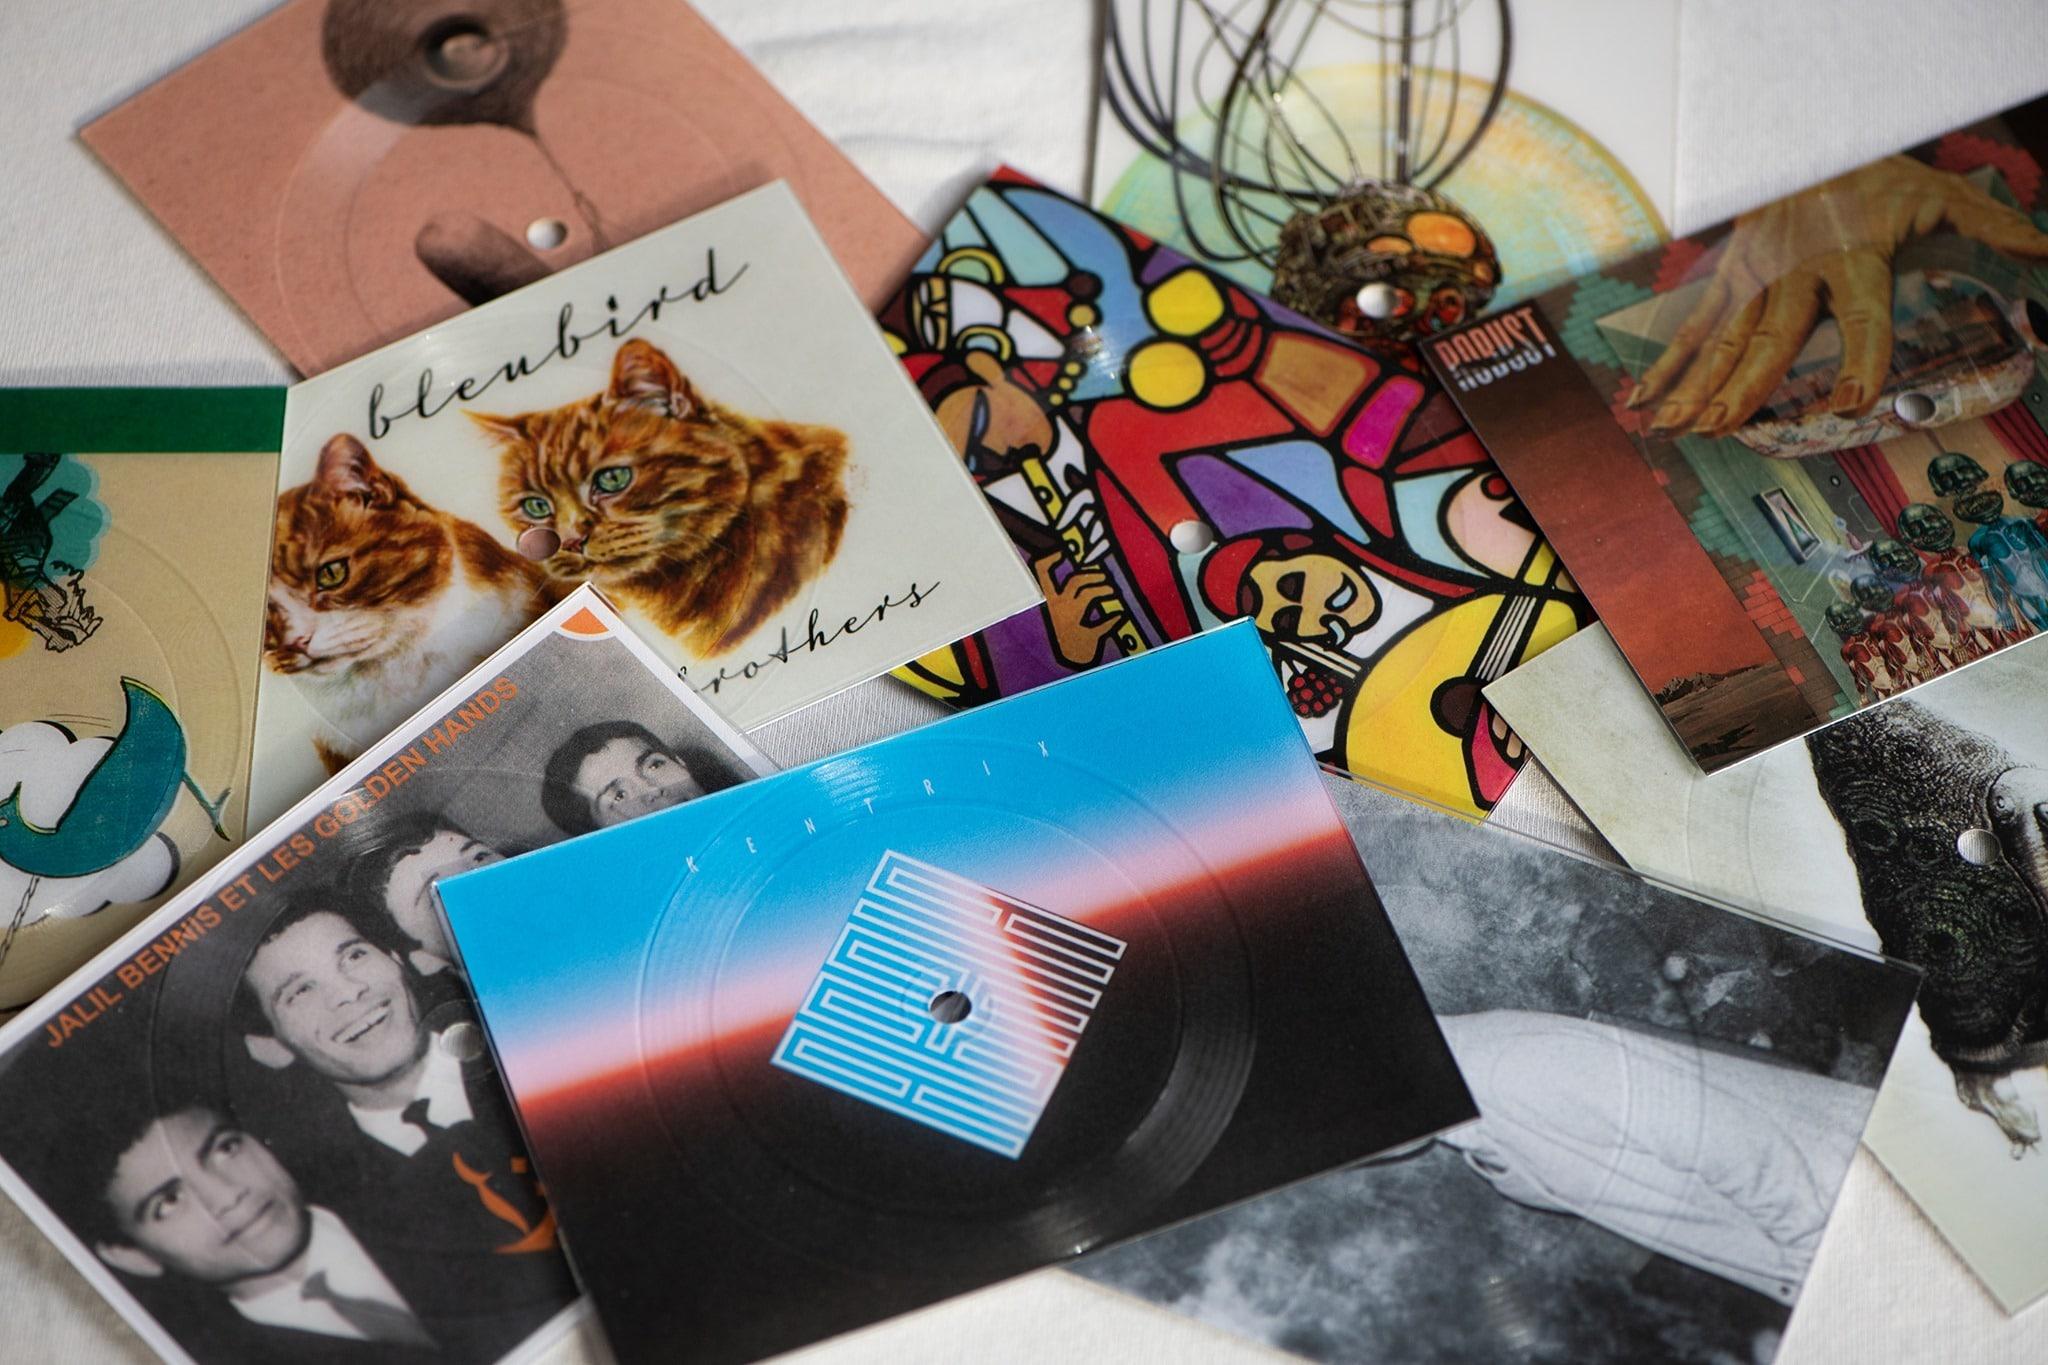 Cartes postales à écouter. Crédit : Vinylpostcards